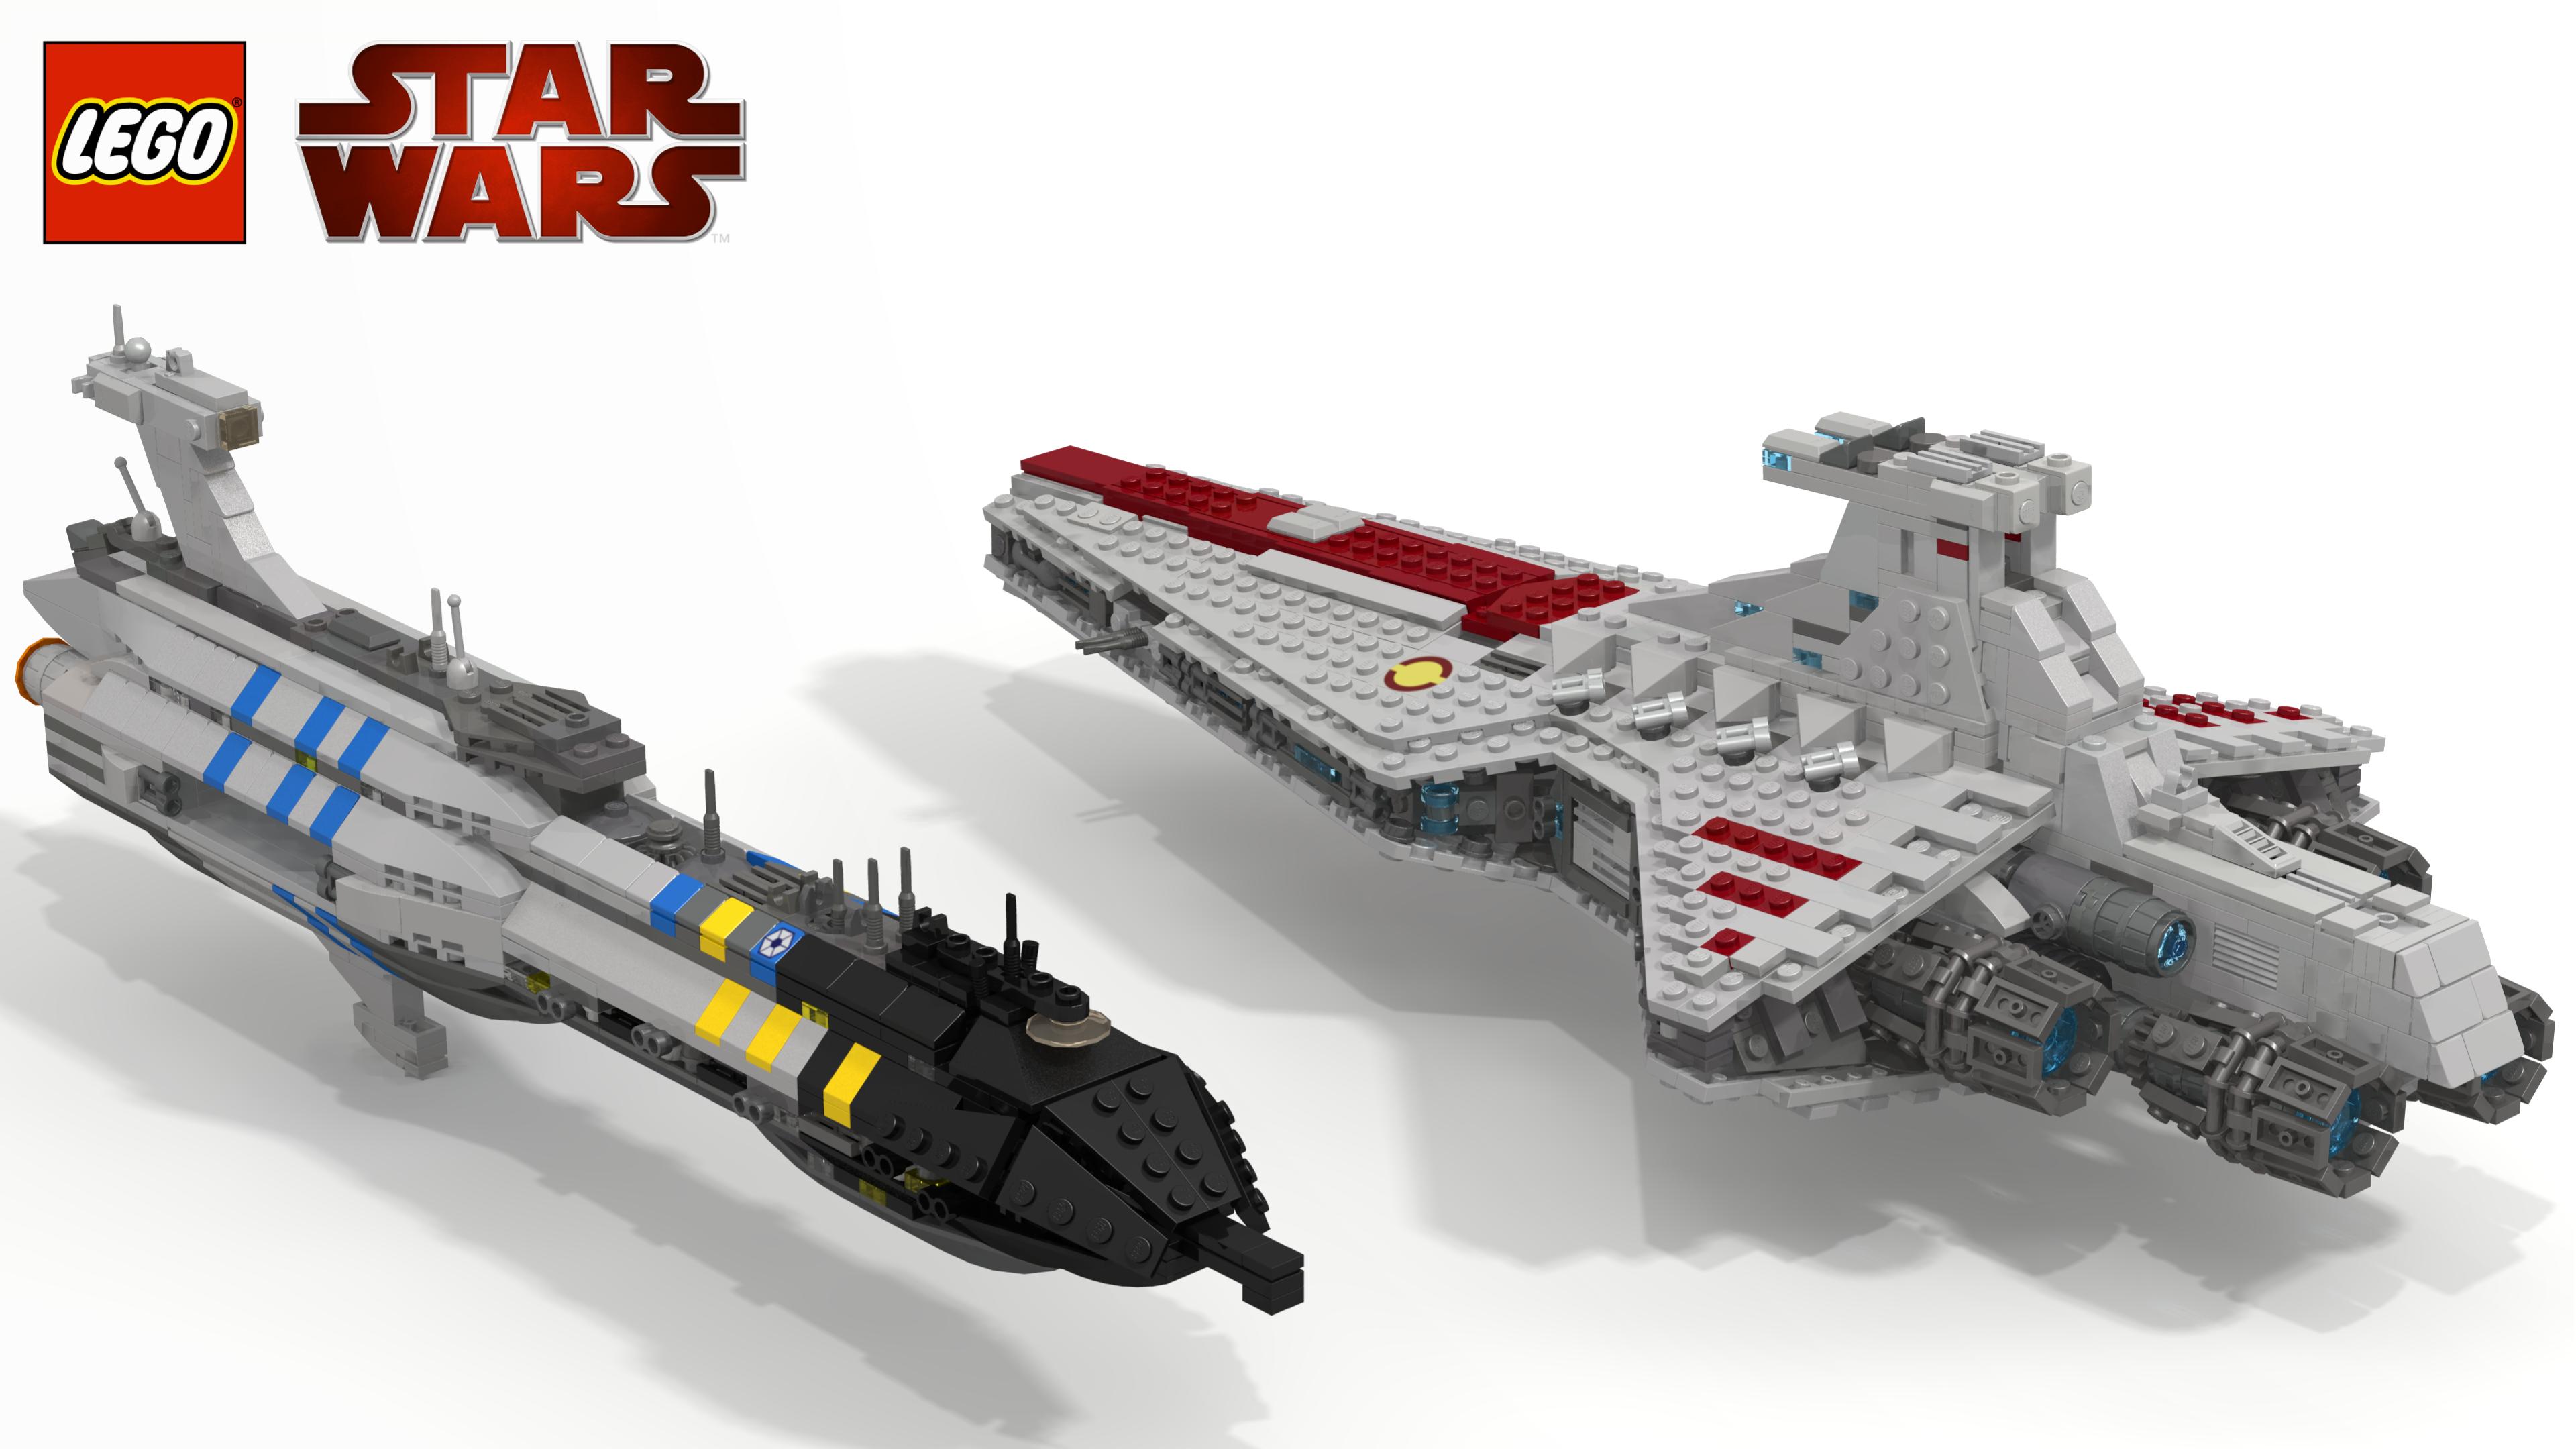 Midi Scale Invisible Hand And Venator Lego Star Wars Eurobricks